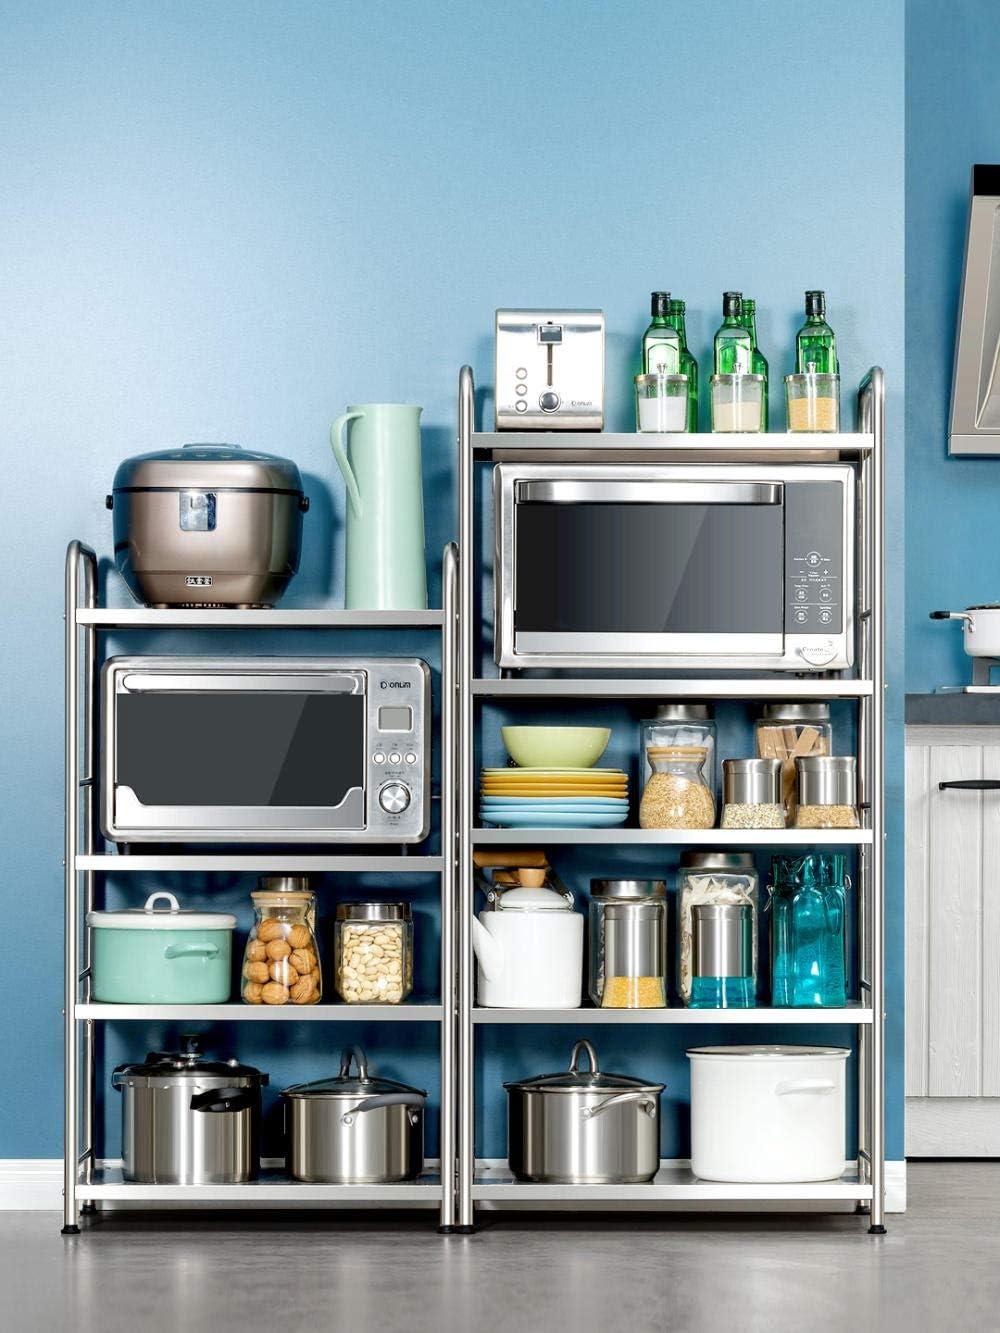 scaffale cucina Ripiani ripiano cucina Scaffale multistrato per forno a microonde a pavimento a 4 strati lunghezza 80 5 Strati 60 Lunghezza